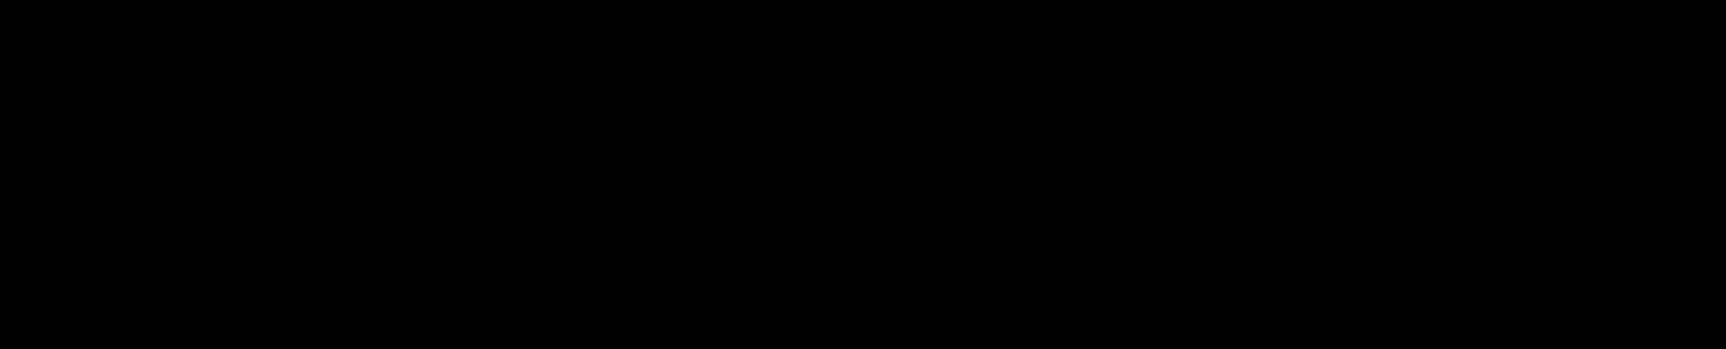 7-Dehydrocholesterol Oleate